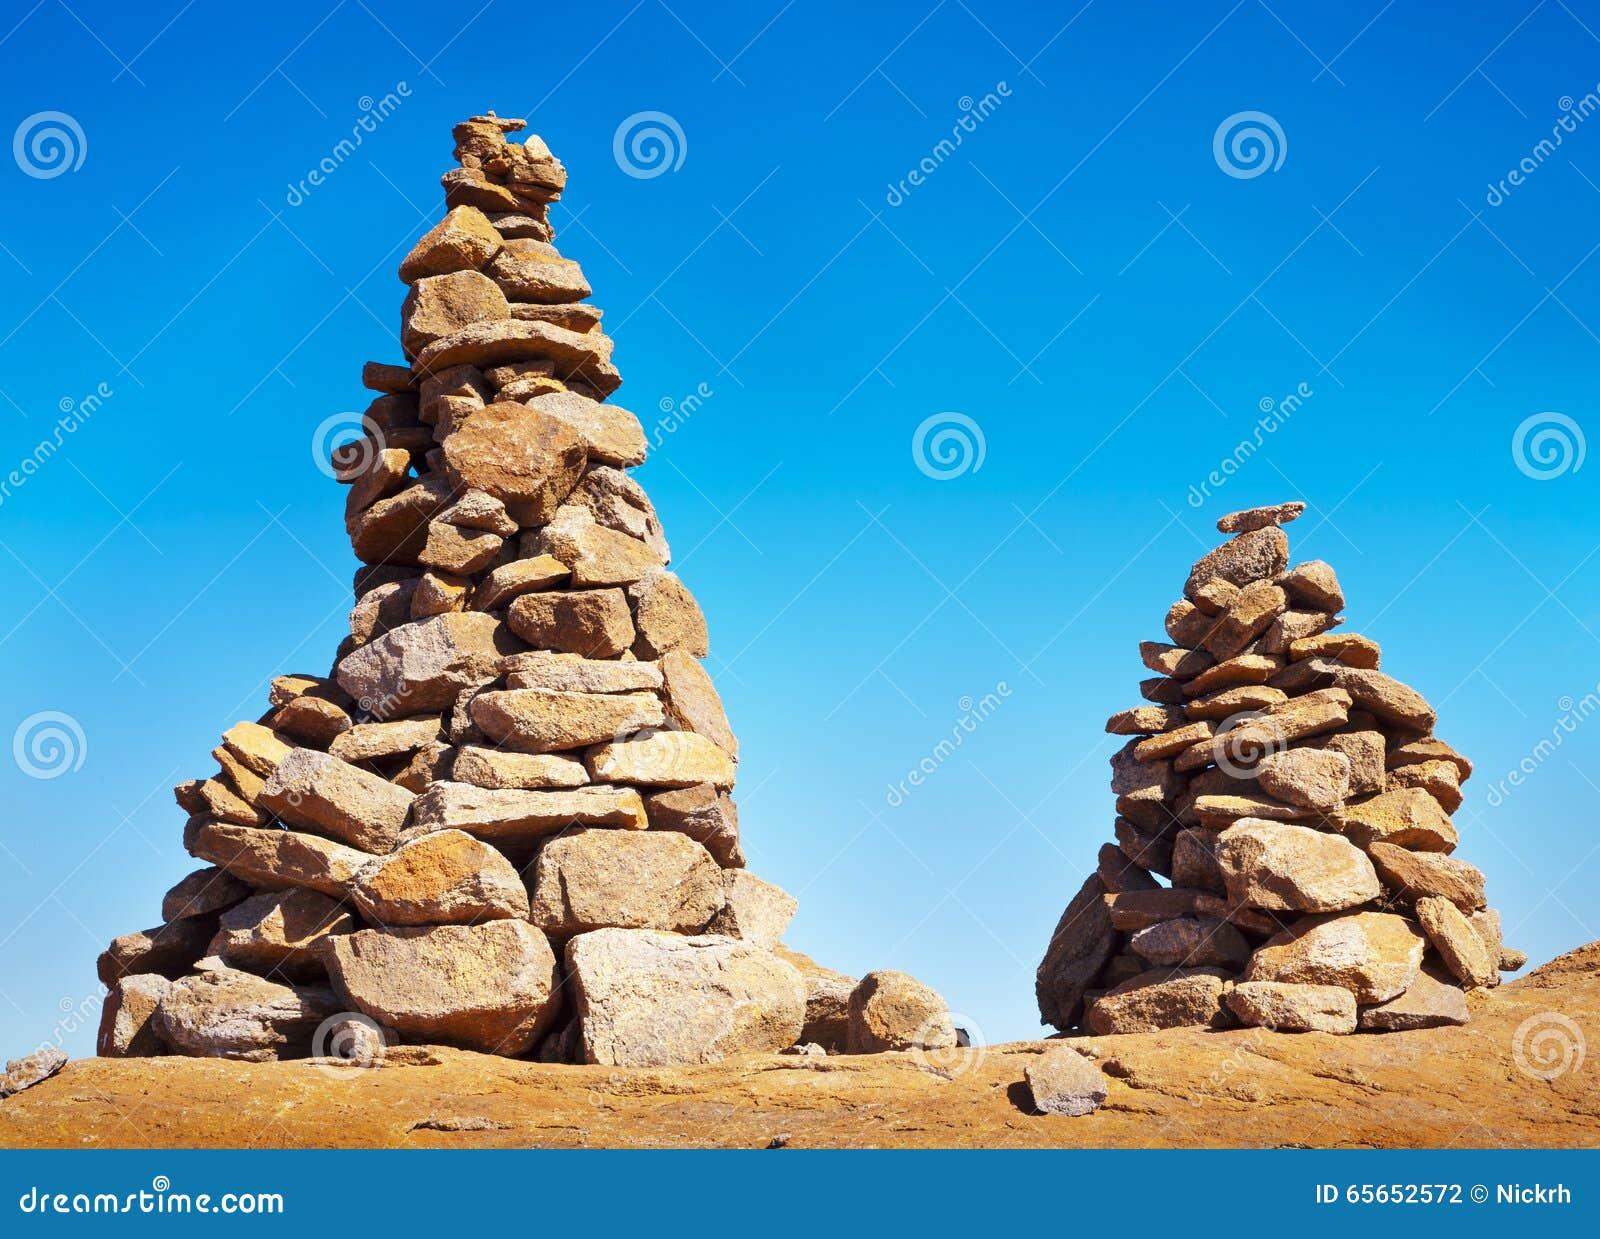 d2c167518 O homem dois fez os montes de pedras de pedra sobre uma montanha em um dia  azul